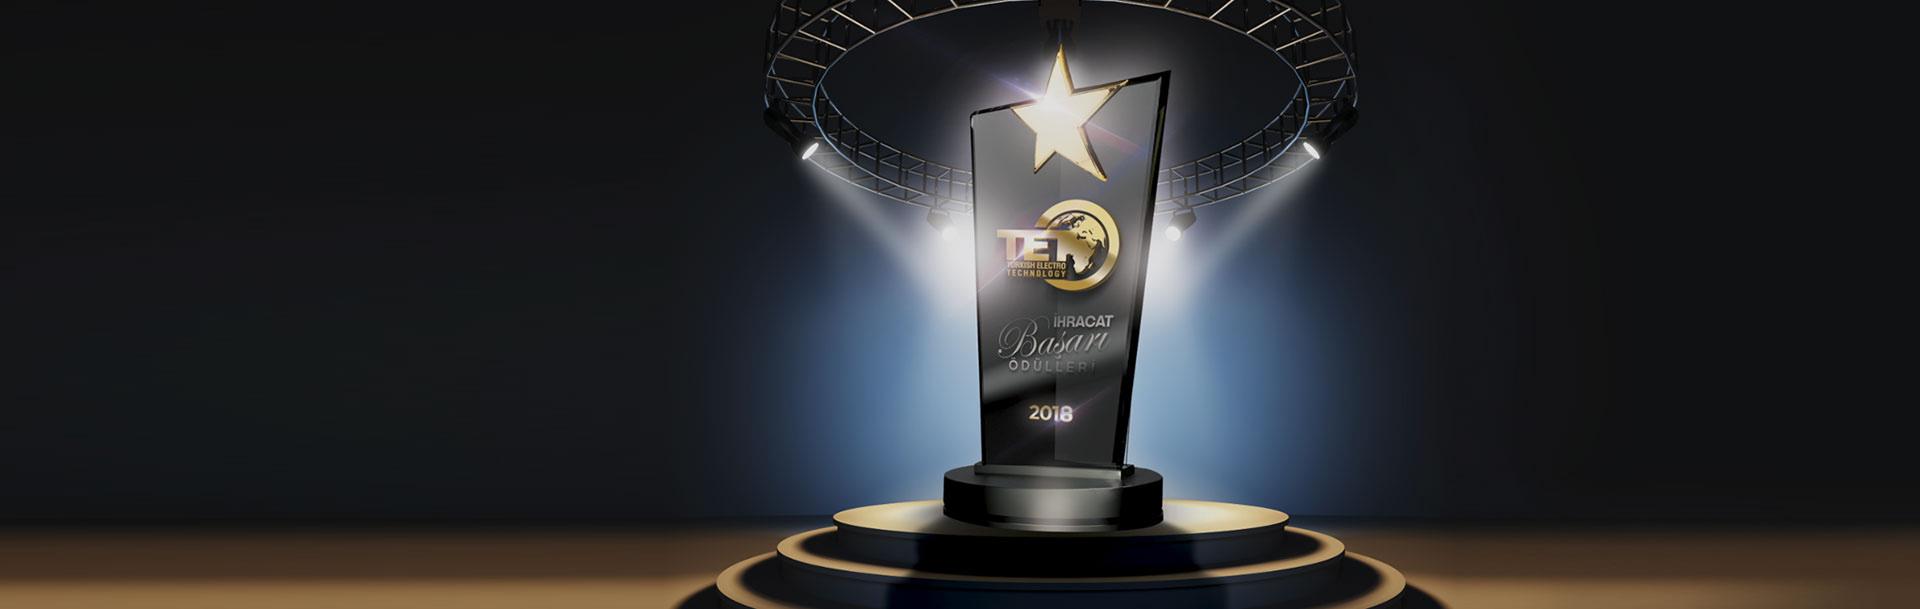 TET İhracat Başarı Ödülleri 2018